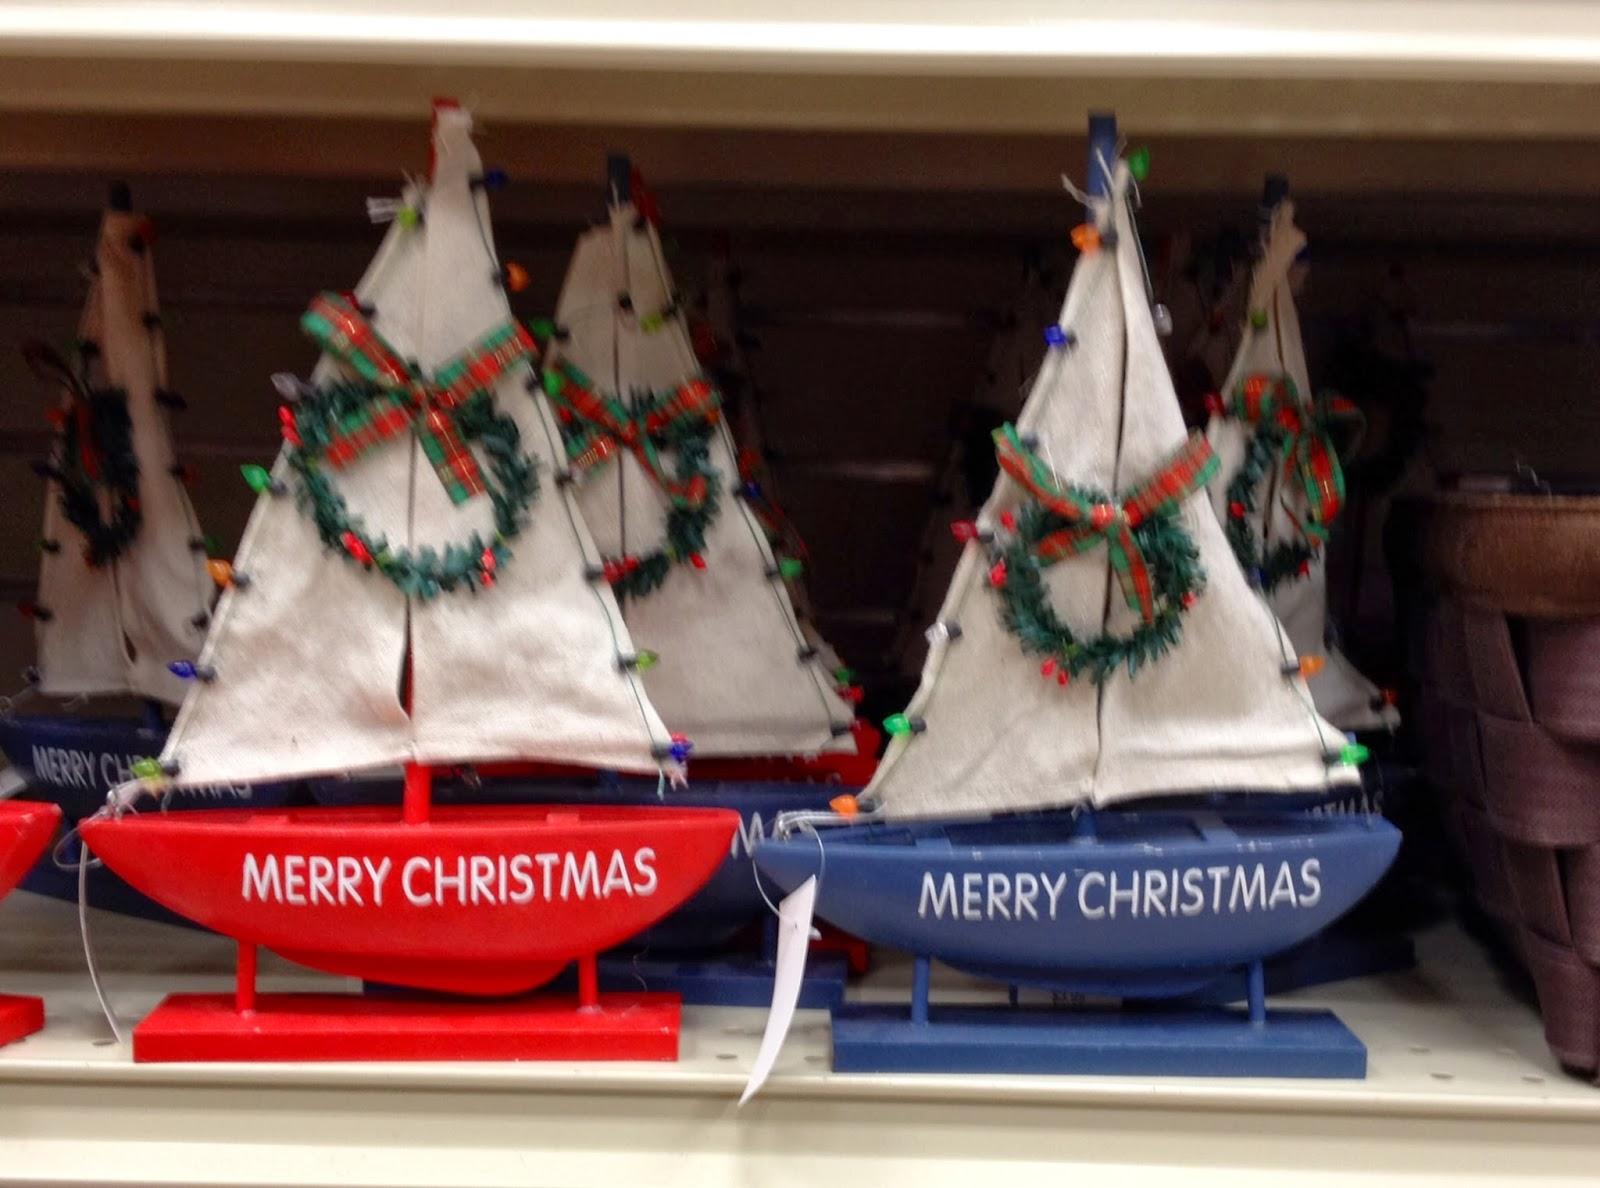 Nautical Christmas Theme.Maryland Pink And Green Nautical Christmas Decor